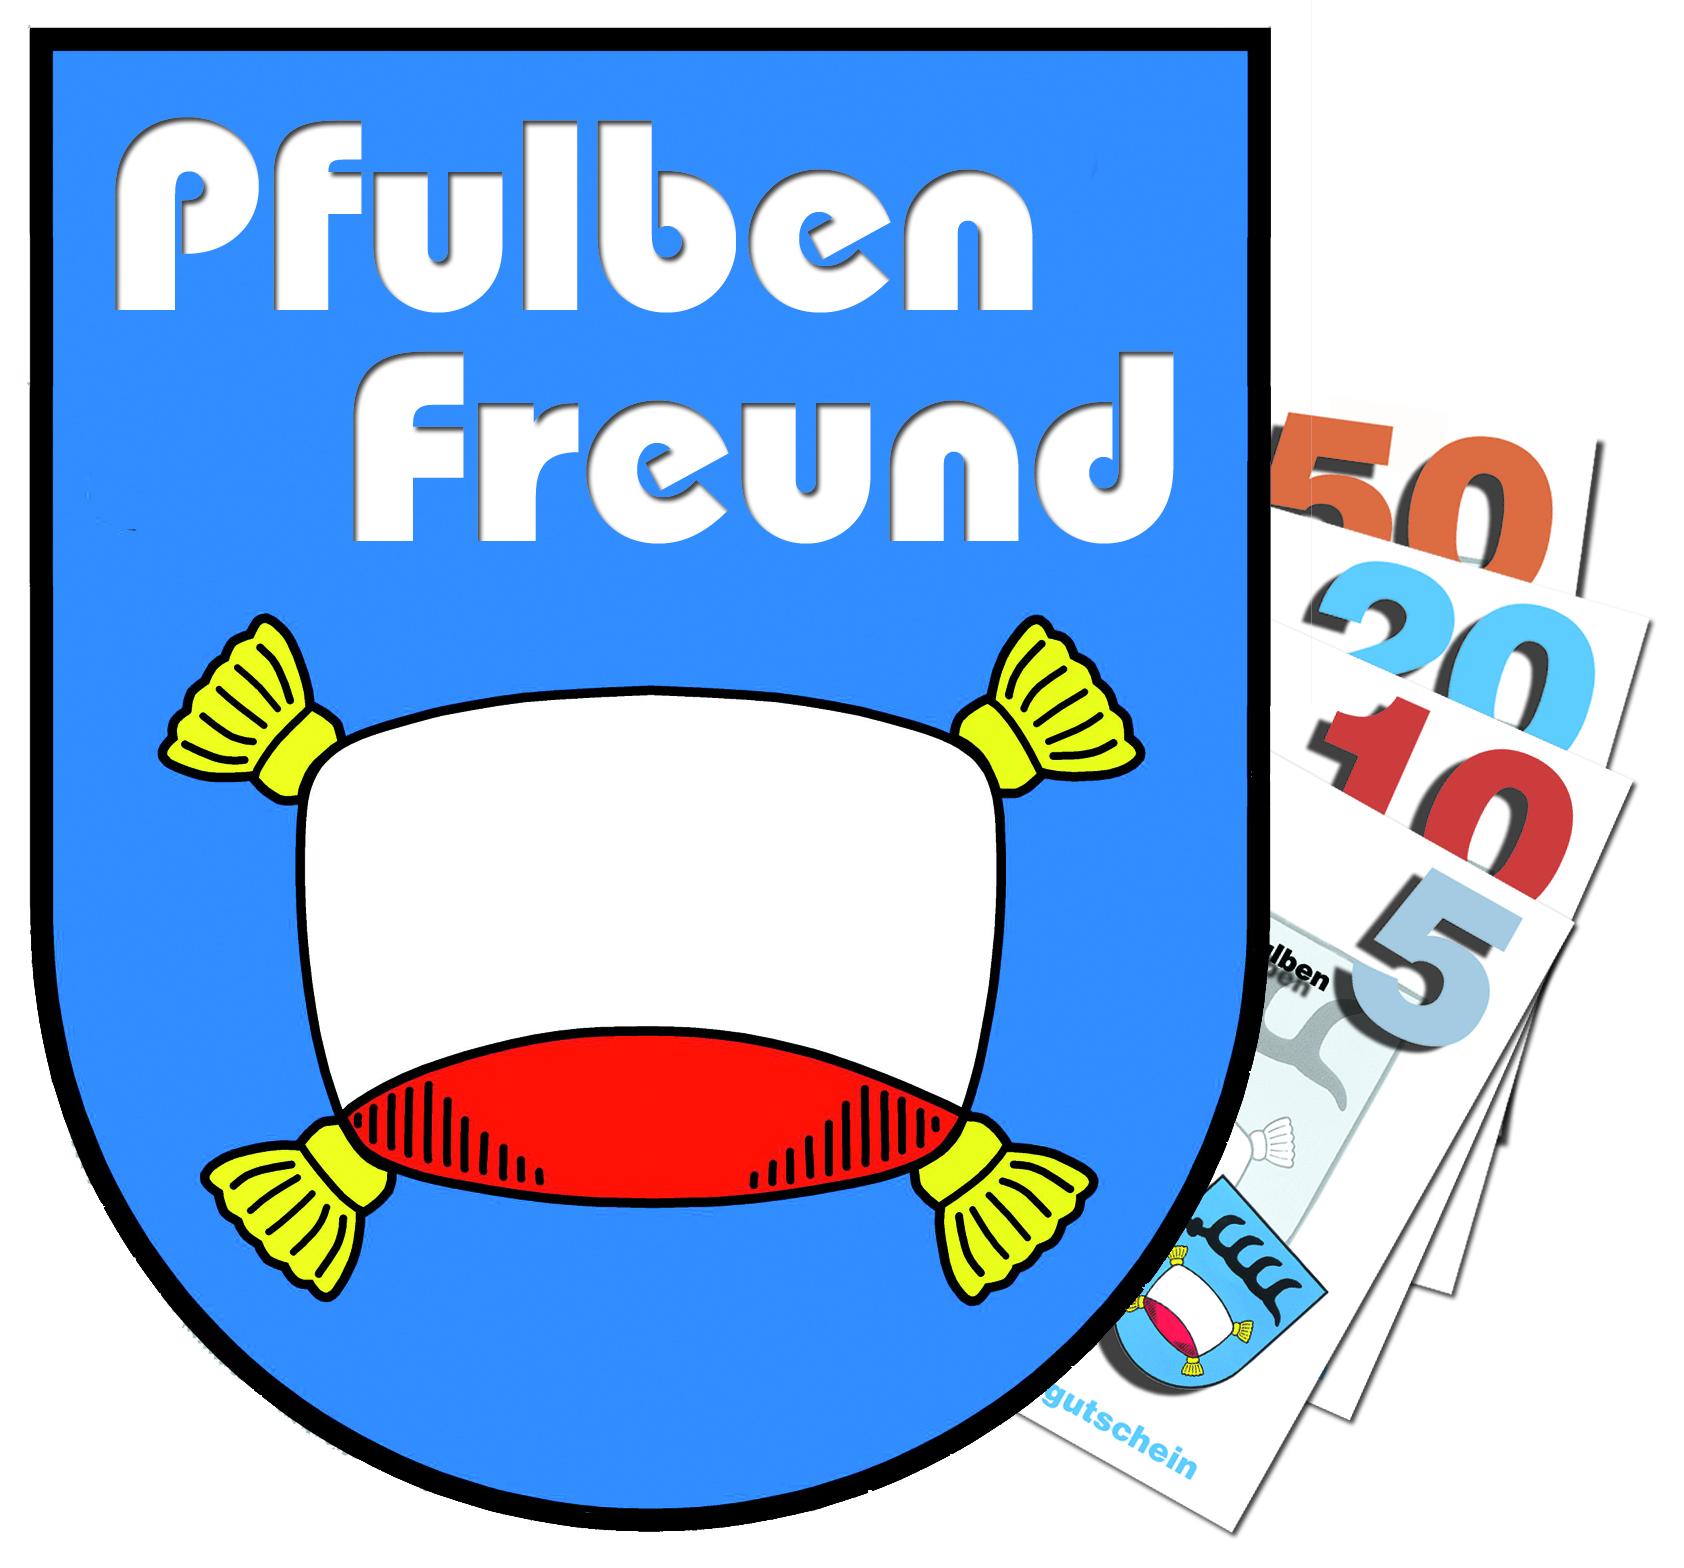 Aufkleber_Pfulbenfreund